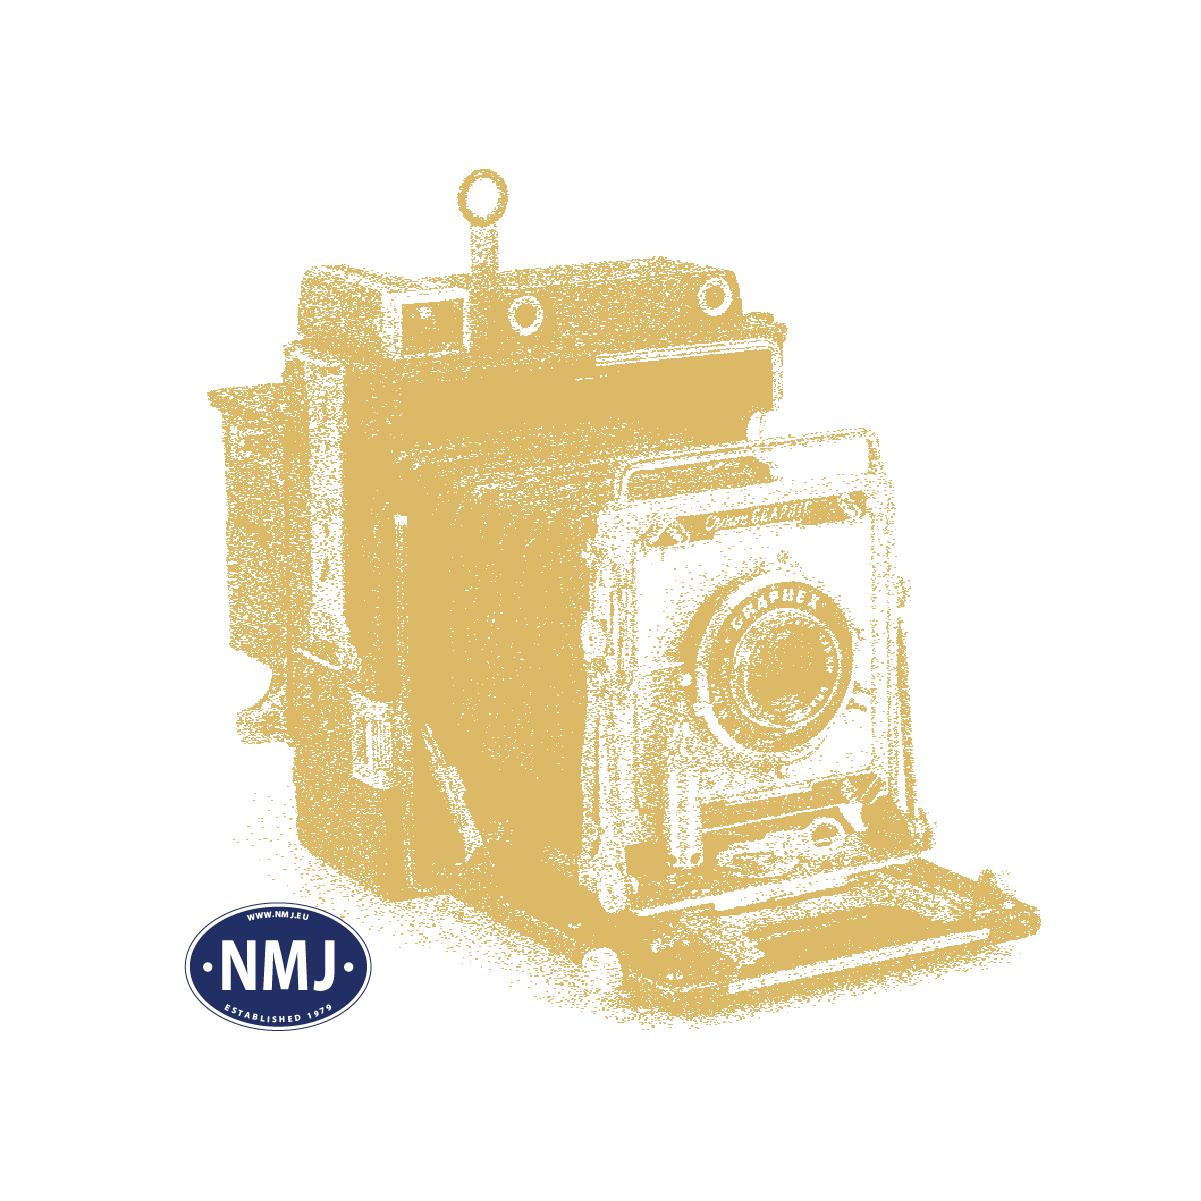 NMJ0TL3-5 - NMJ Superline NSB Tl3 16542, 0-Scala